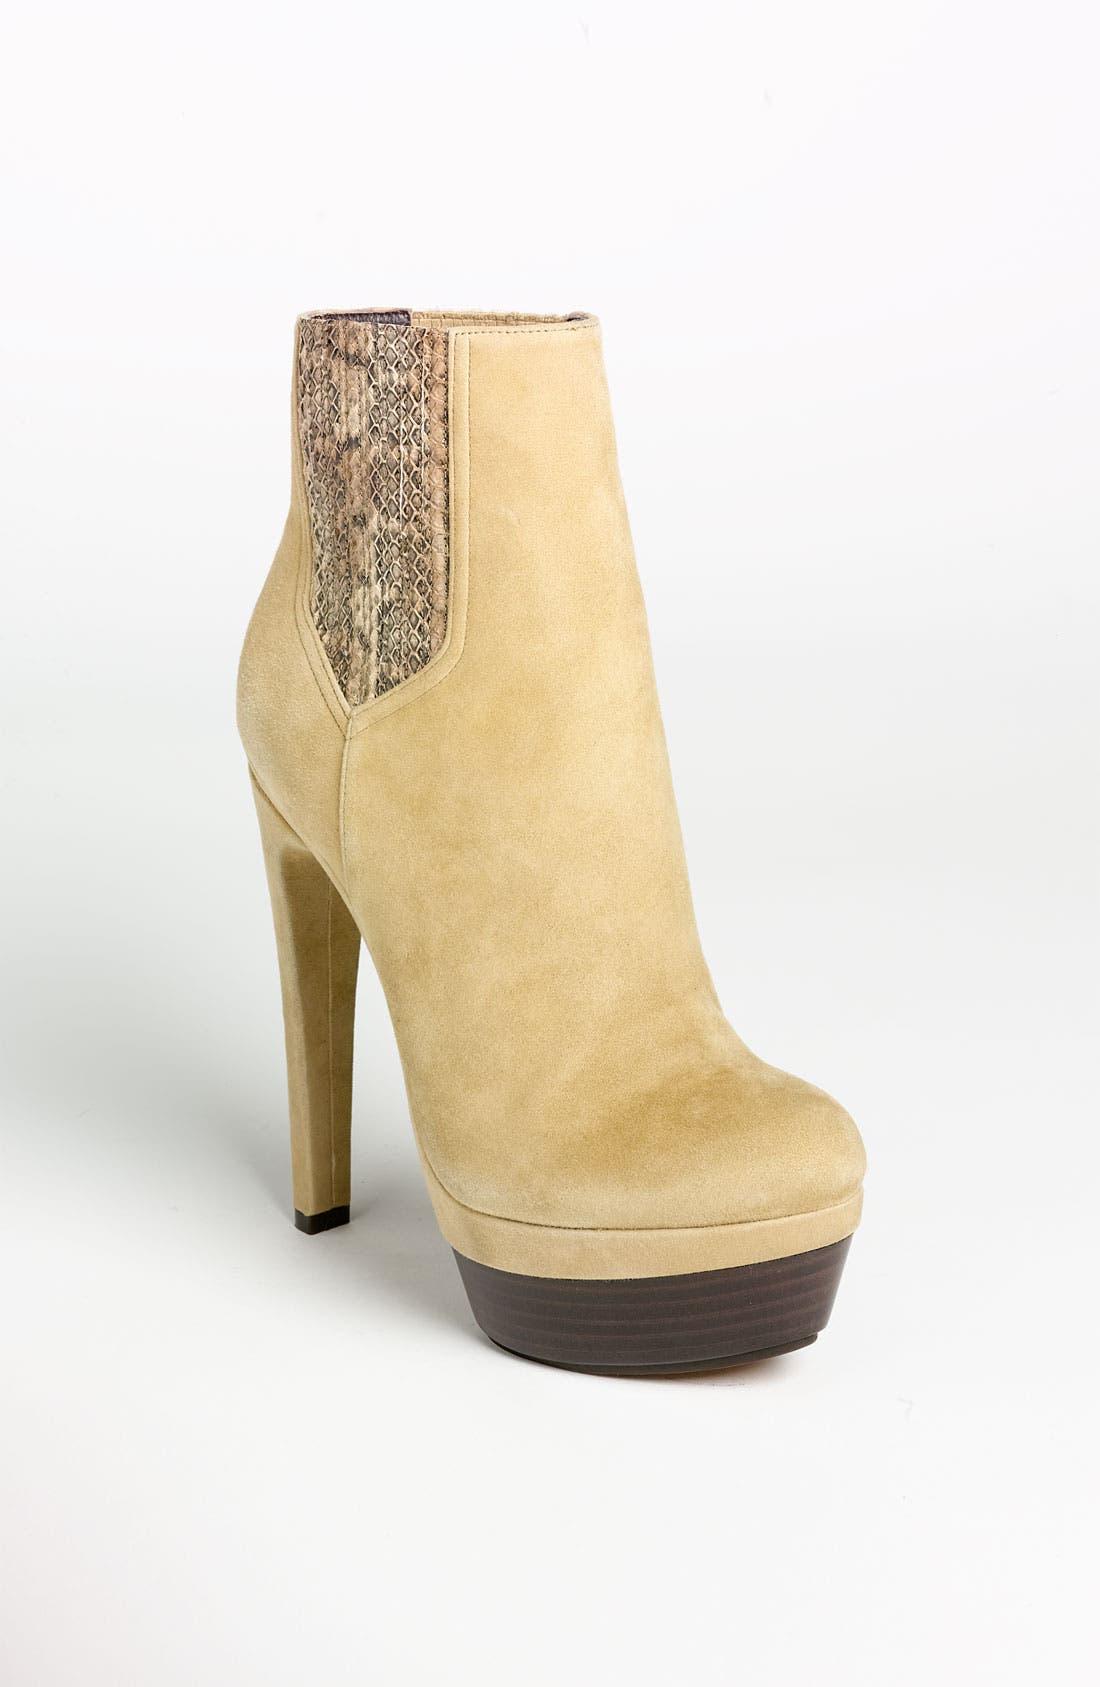 Alternate Image 1 Selected - Rachel Zoe 'Audrey' Boot